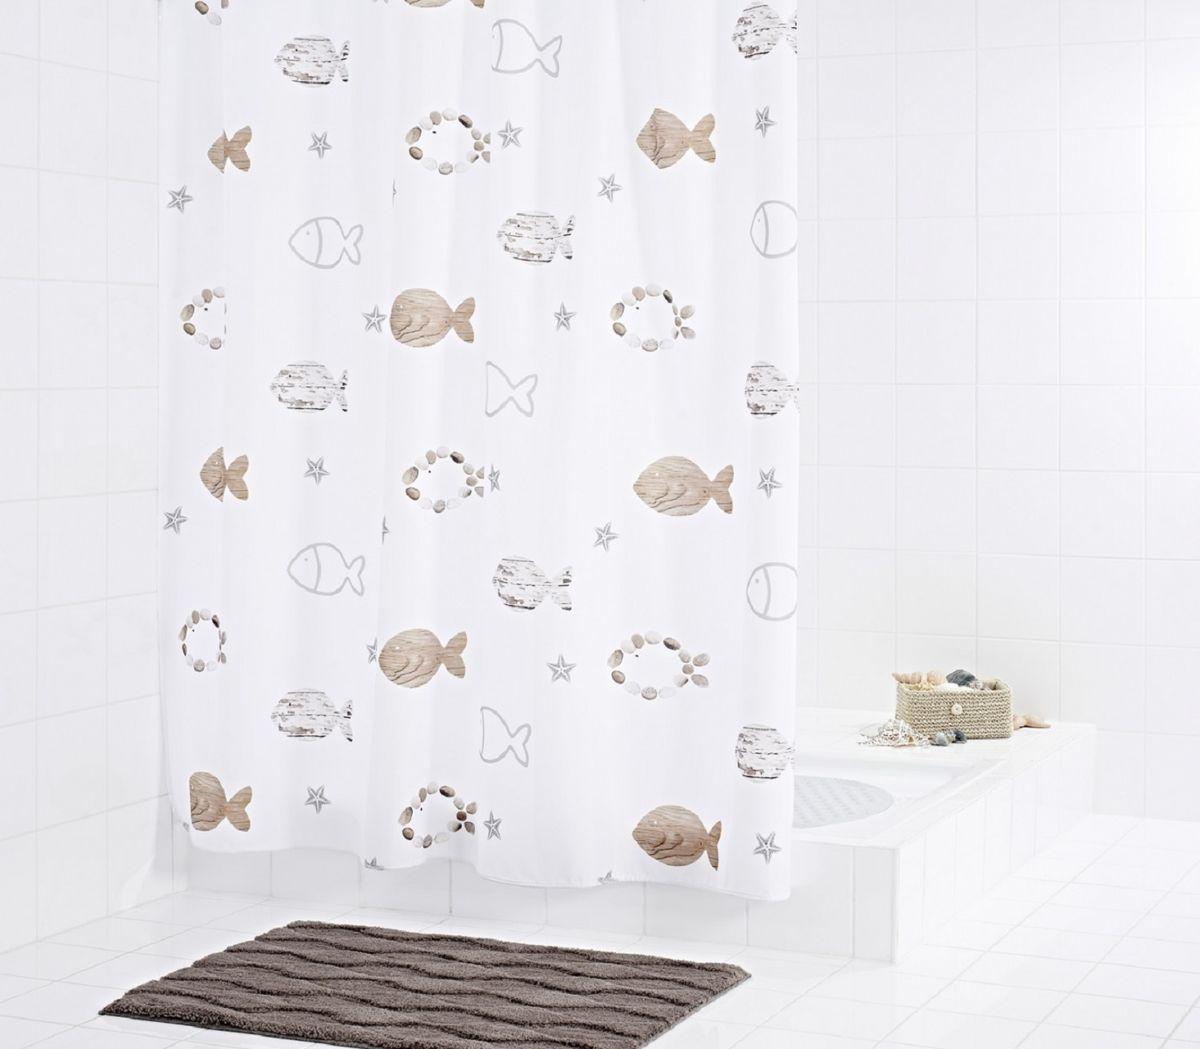 Штора для ванной комнаты Ridder Fishes, цвет: бежевый, коричневый, 180 х 200 смT628-8Штора для ванной комнаты Ridder Fishes, изготовленная из текстиля с антигрибковым и антистатическим покрытием, отлично дополнит любой интерьер ванной комнаты. Нижний кант утяжелен каучуковой лентой.Штора оснащена отверстиями под кольца с пластиковыми люверсами. Кольца приобретаются отдельно.